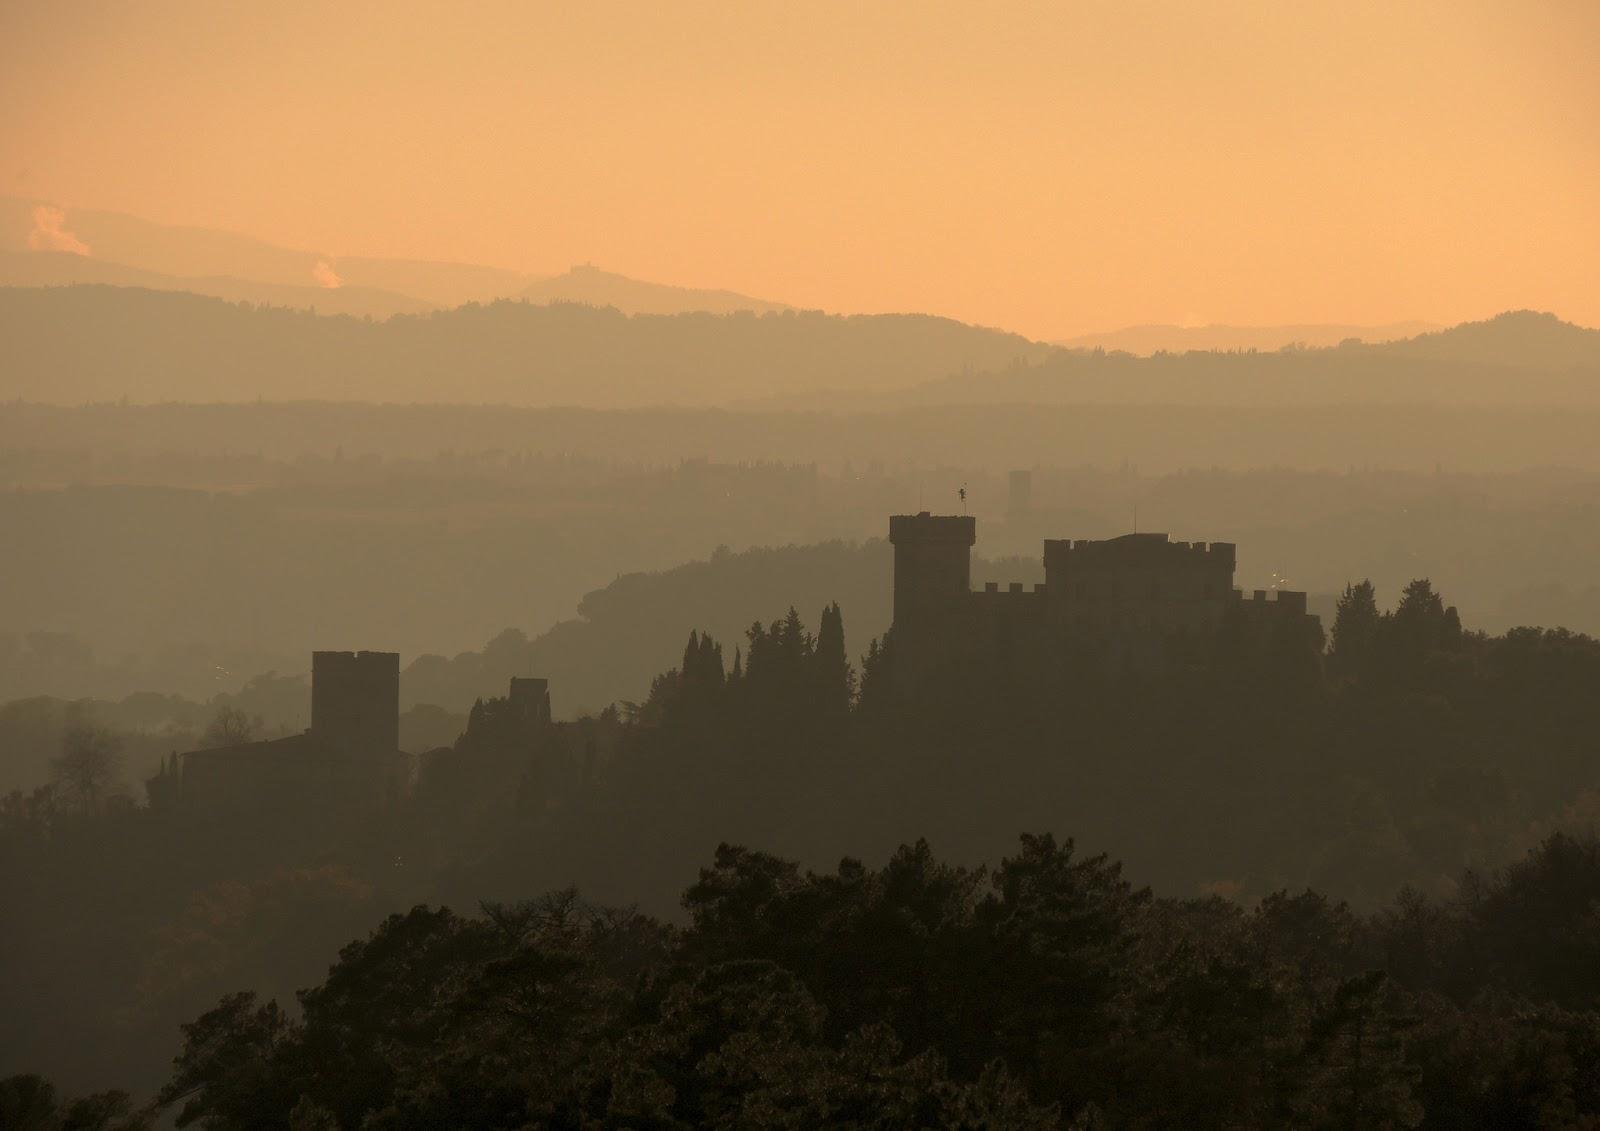 Il castello e la torre di Luco al tramonto